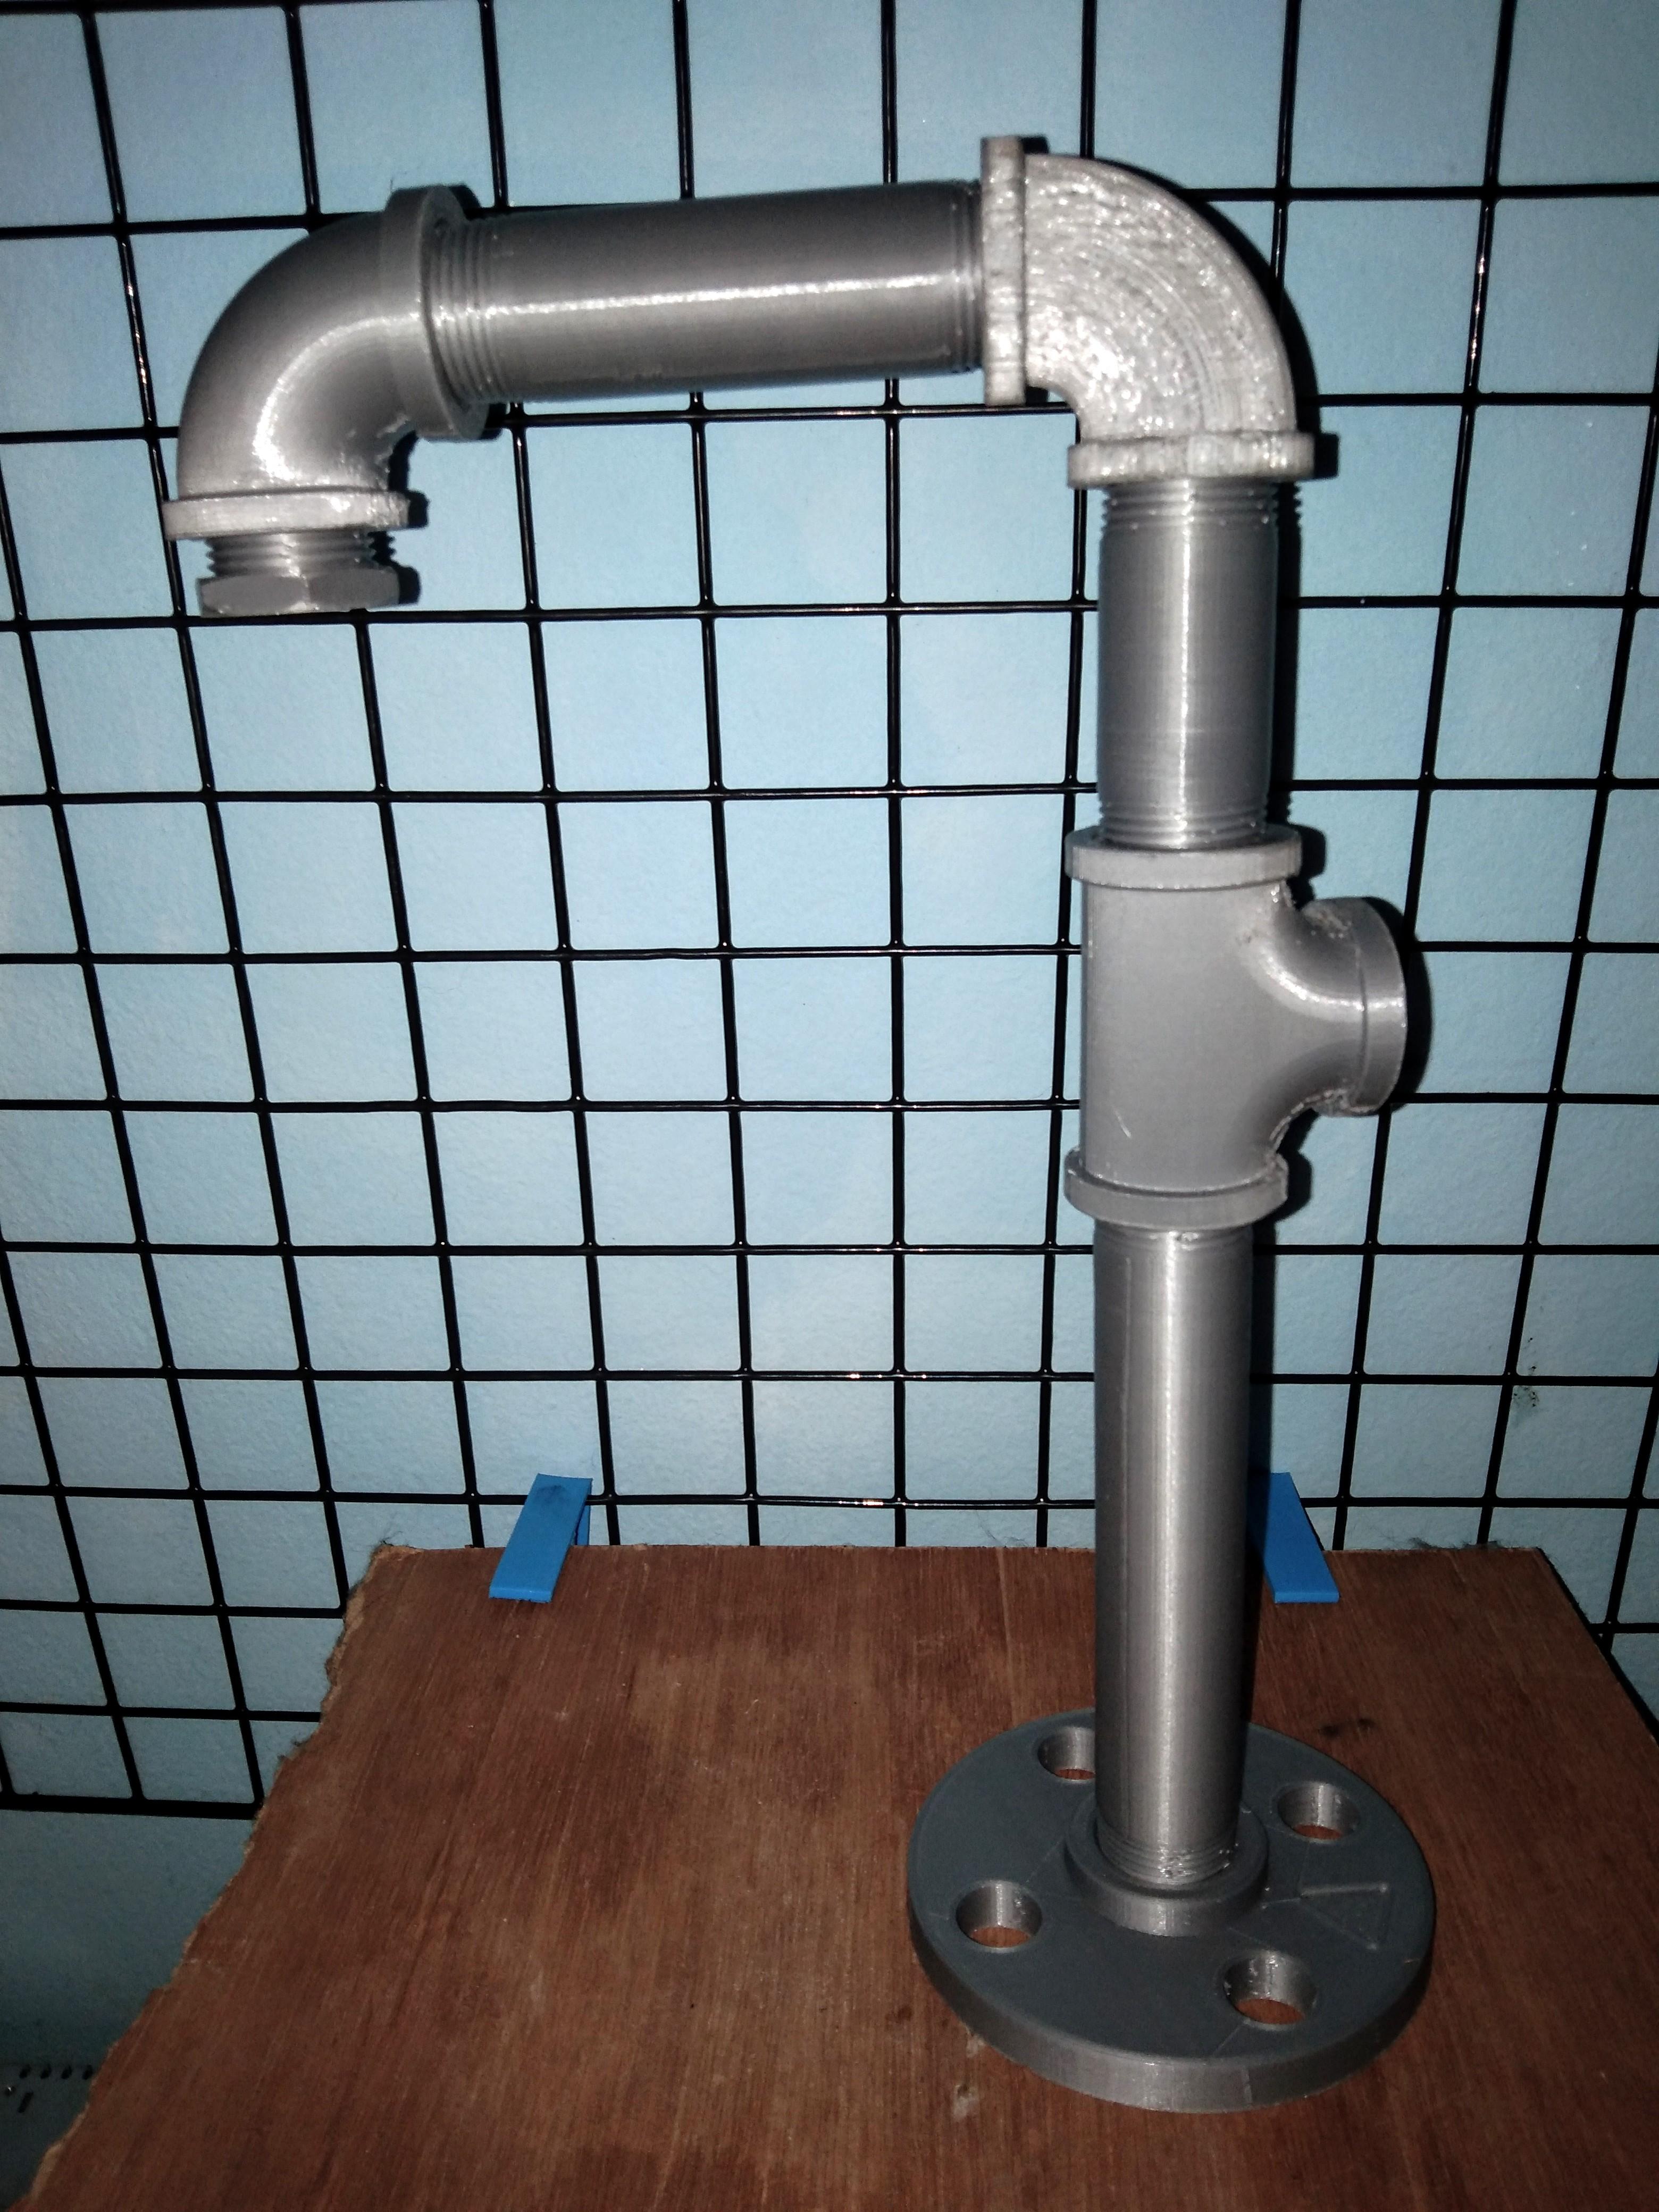 Télécharger fichier STL Steampunk 3/4 pouce tuyau en acier ensemble • Design pour impression 3D, rikkieBKK